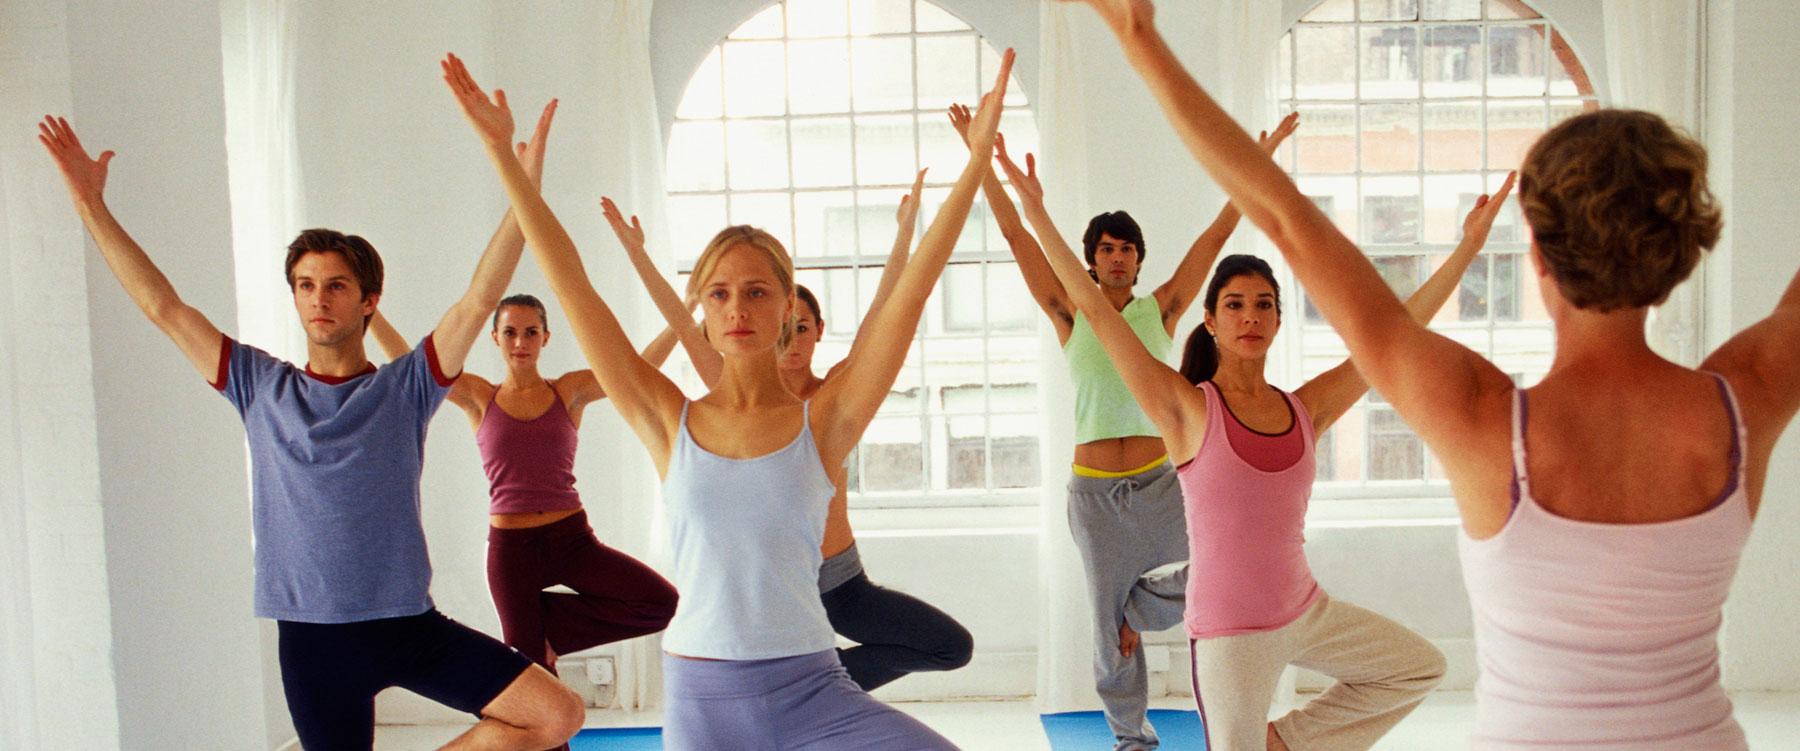 Sağlıklı Zayıflama Yöntemleri Rehberi Sağlığınızı Geri Kazanın